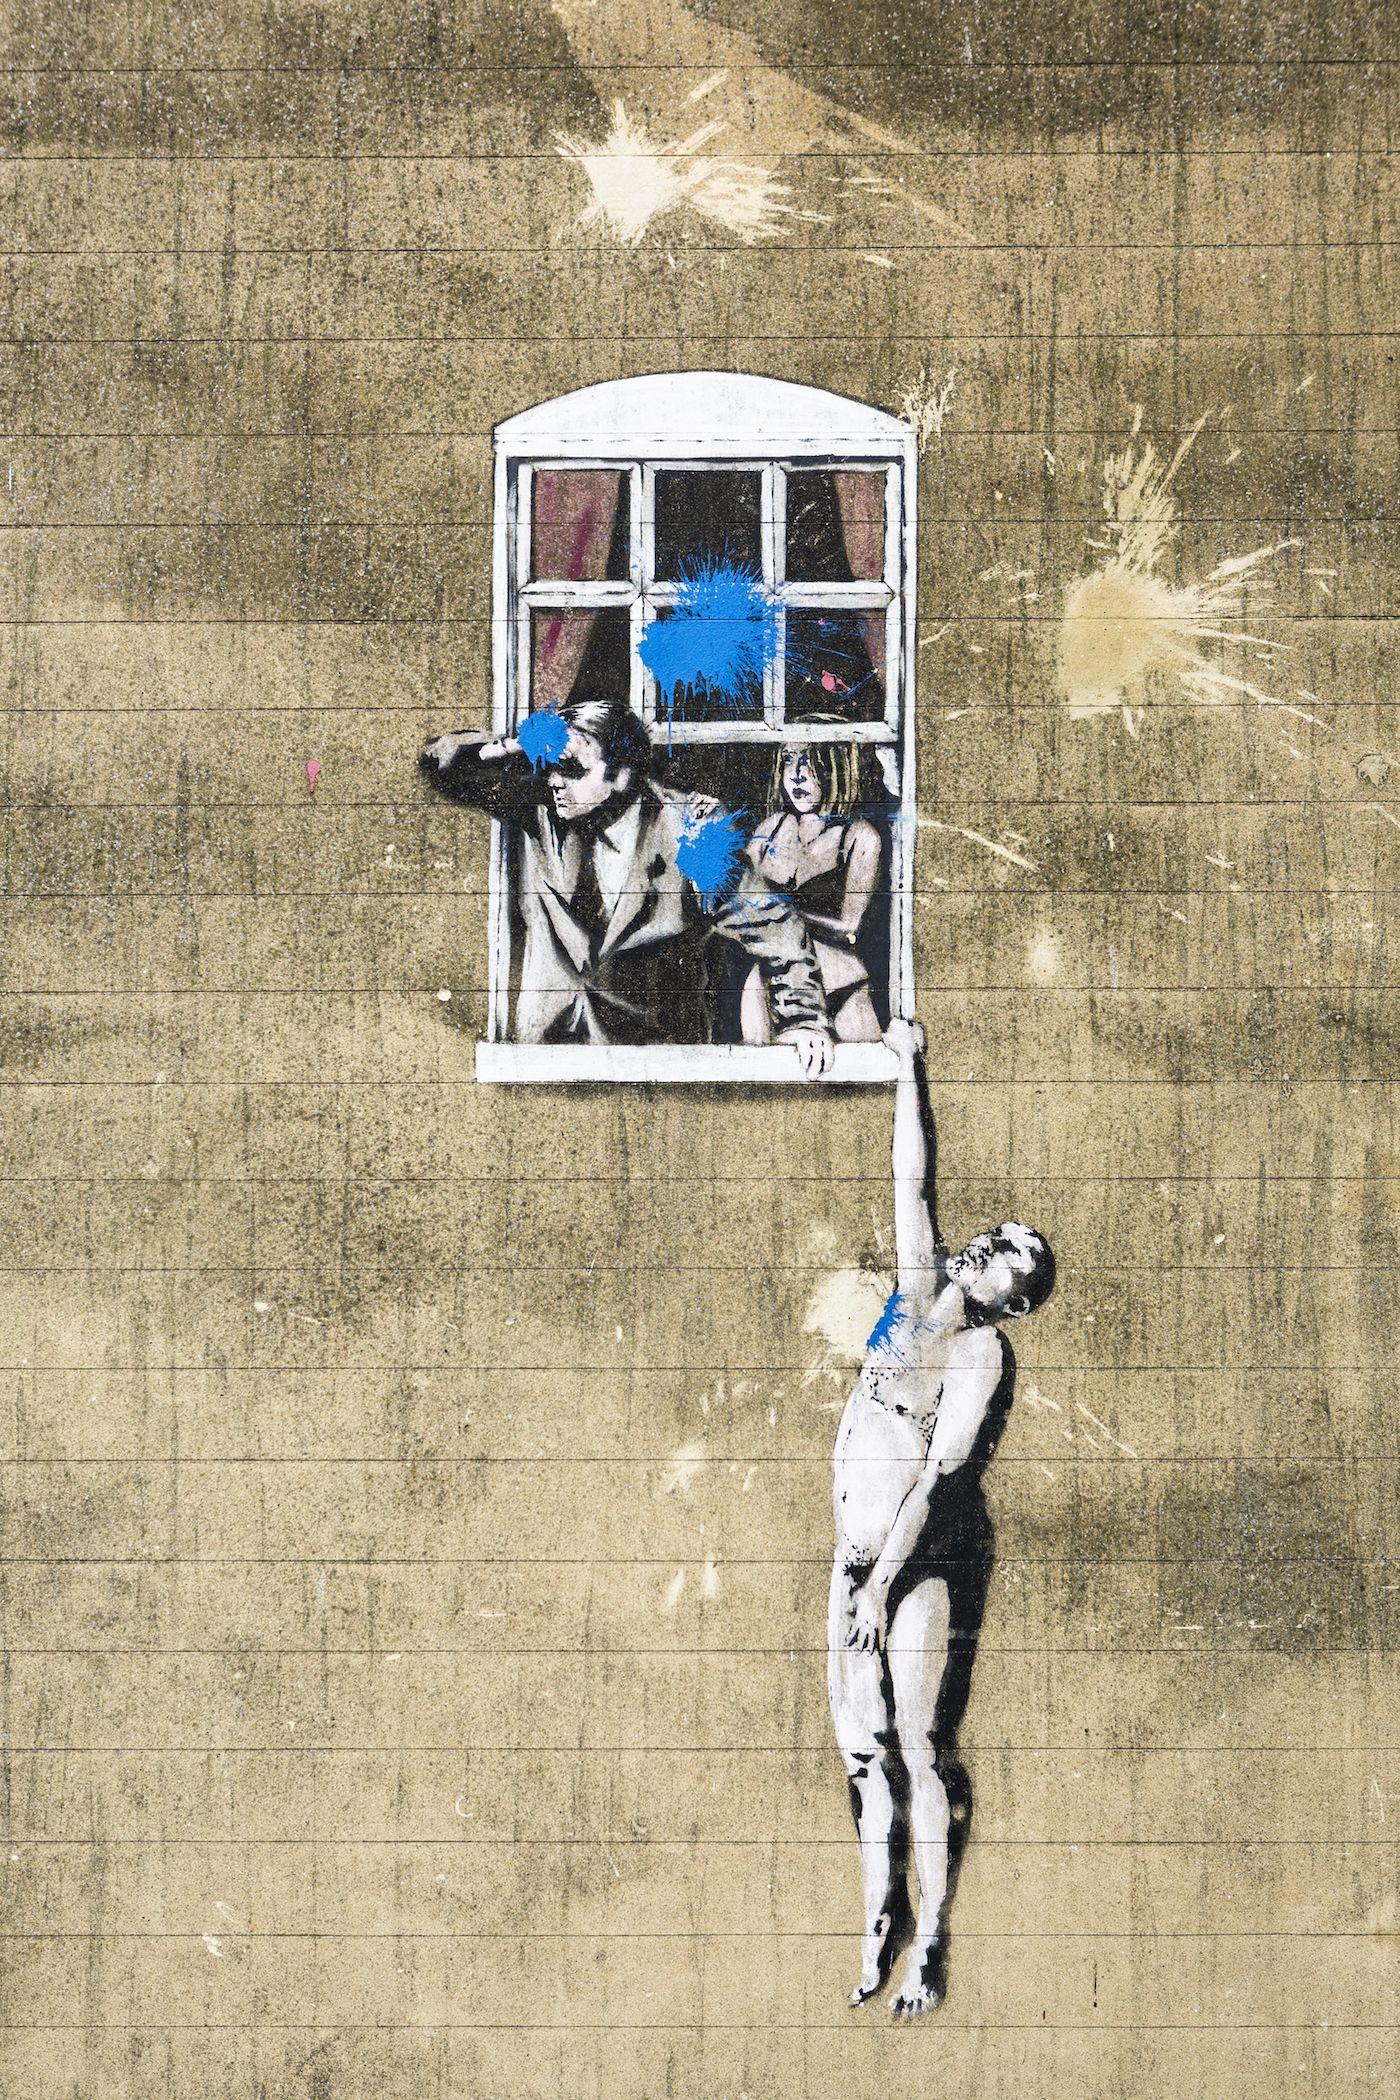 """<p>Comunque stiano le cose, se un fenomeno sovversivo come la street art è oggi anche una realtà di massa con ingenti risvolti commerciali, molto lo si deve proprio a Banksy (nella foto, una sua opera su un muro di Bristol). Fu lui uno dei principali protagonisti dell'evento che portò lo sguardo dei critici sulle opere di un gruppo di artisti fuori dell'ordinario: anziché sulle tele, dipingevano sui muri urbani. La consacrazione avvenne nel 1985, quando la <a href=""""http://arnolfini.org.uk"""">Galleria Arnolfini</a> inaugurò l'esposizione <em>Graffiti art in Britain</em>, documentando le forme d'arte giovanile del territorio e dando spazio a tutti i giovani artisti che fino a quel momento si erano espressi solo in strada.</p>"""